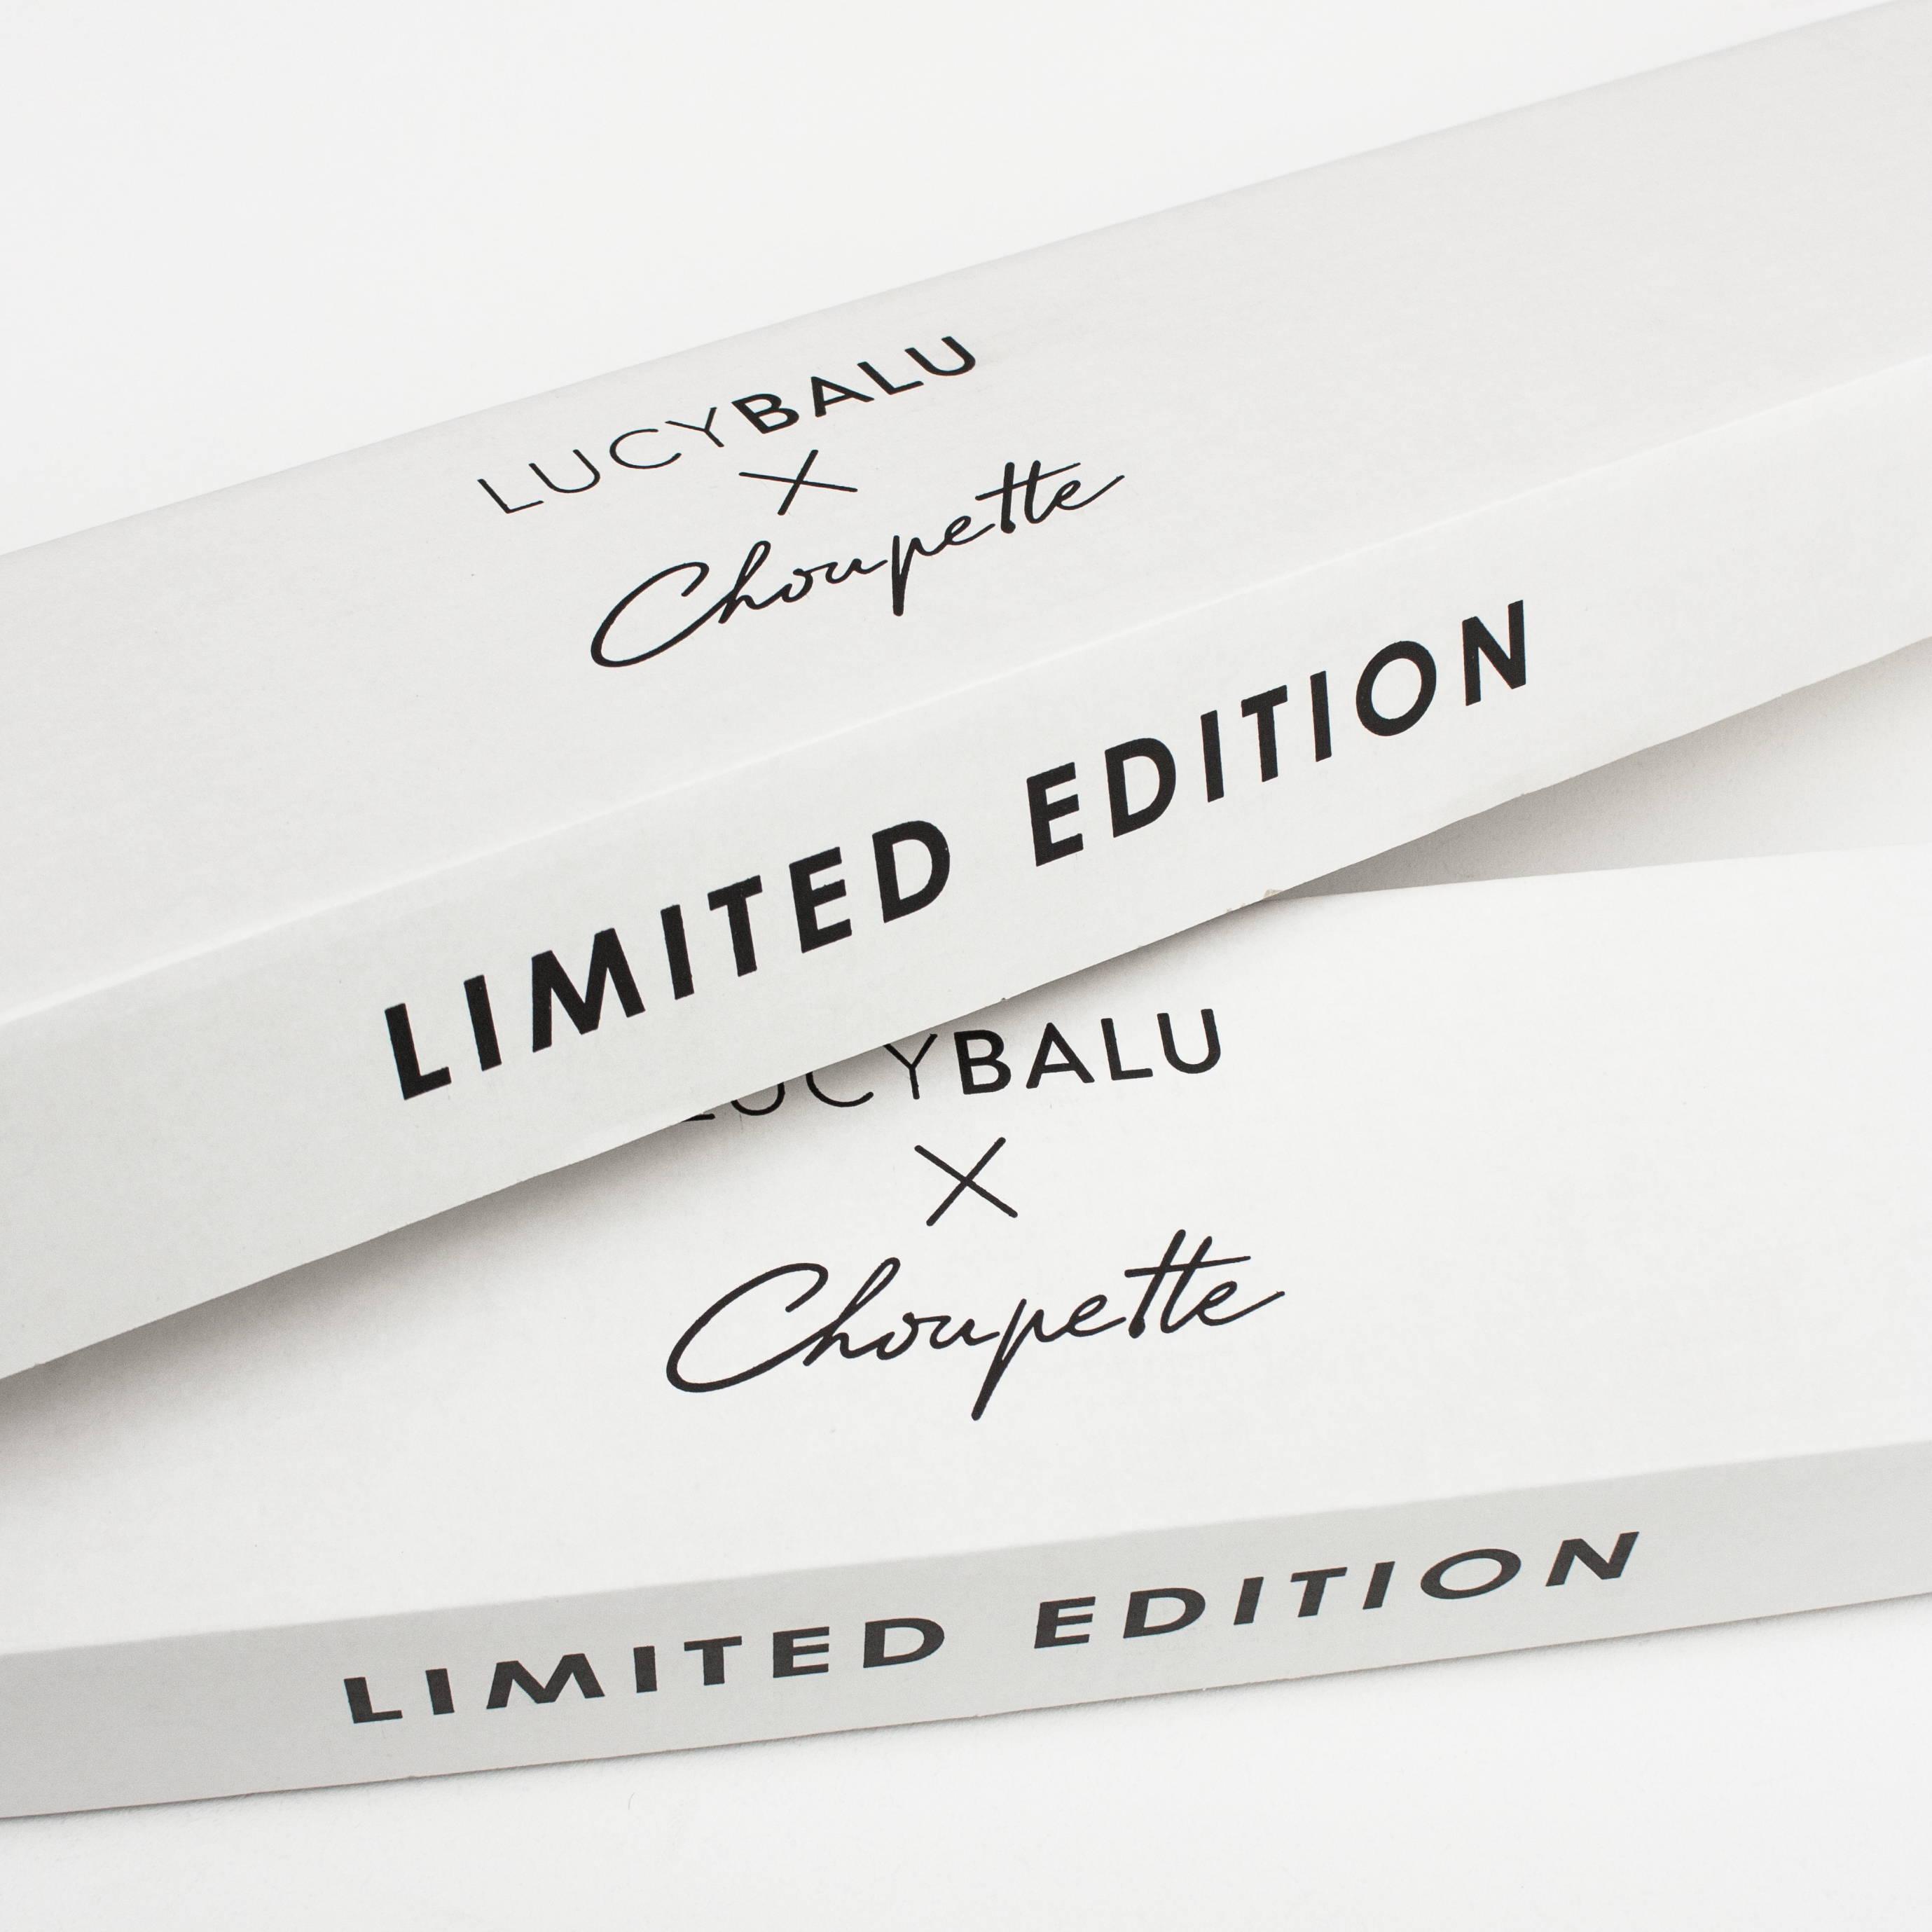 LucyBalu Choupette Limited Edition